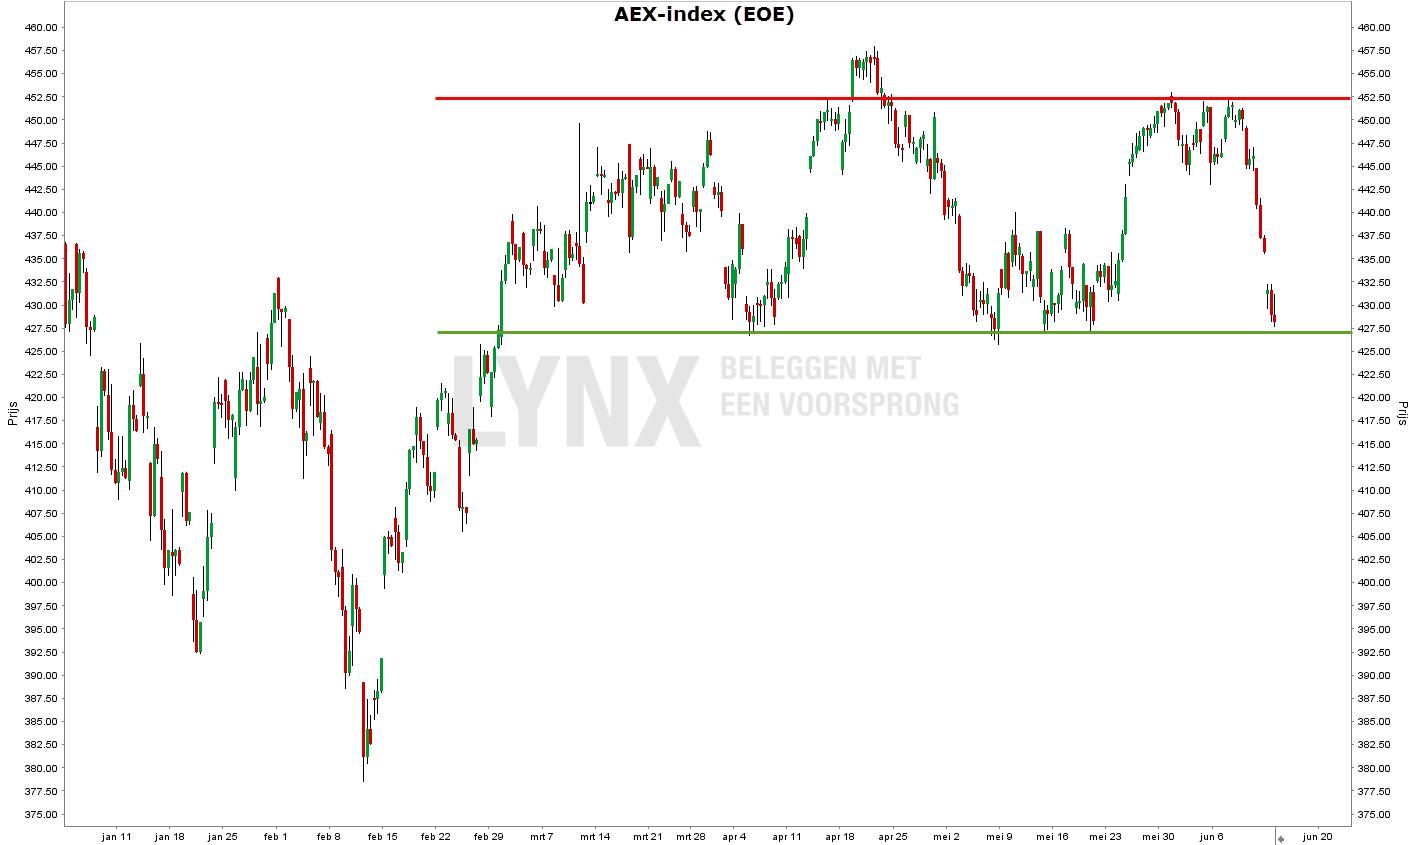 technische analyse AEX index 1